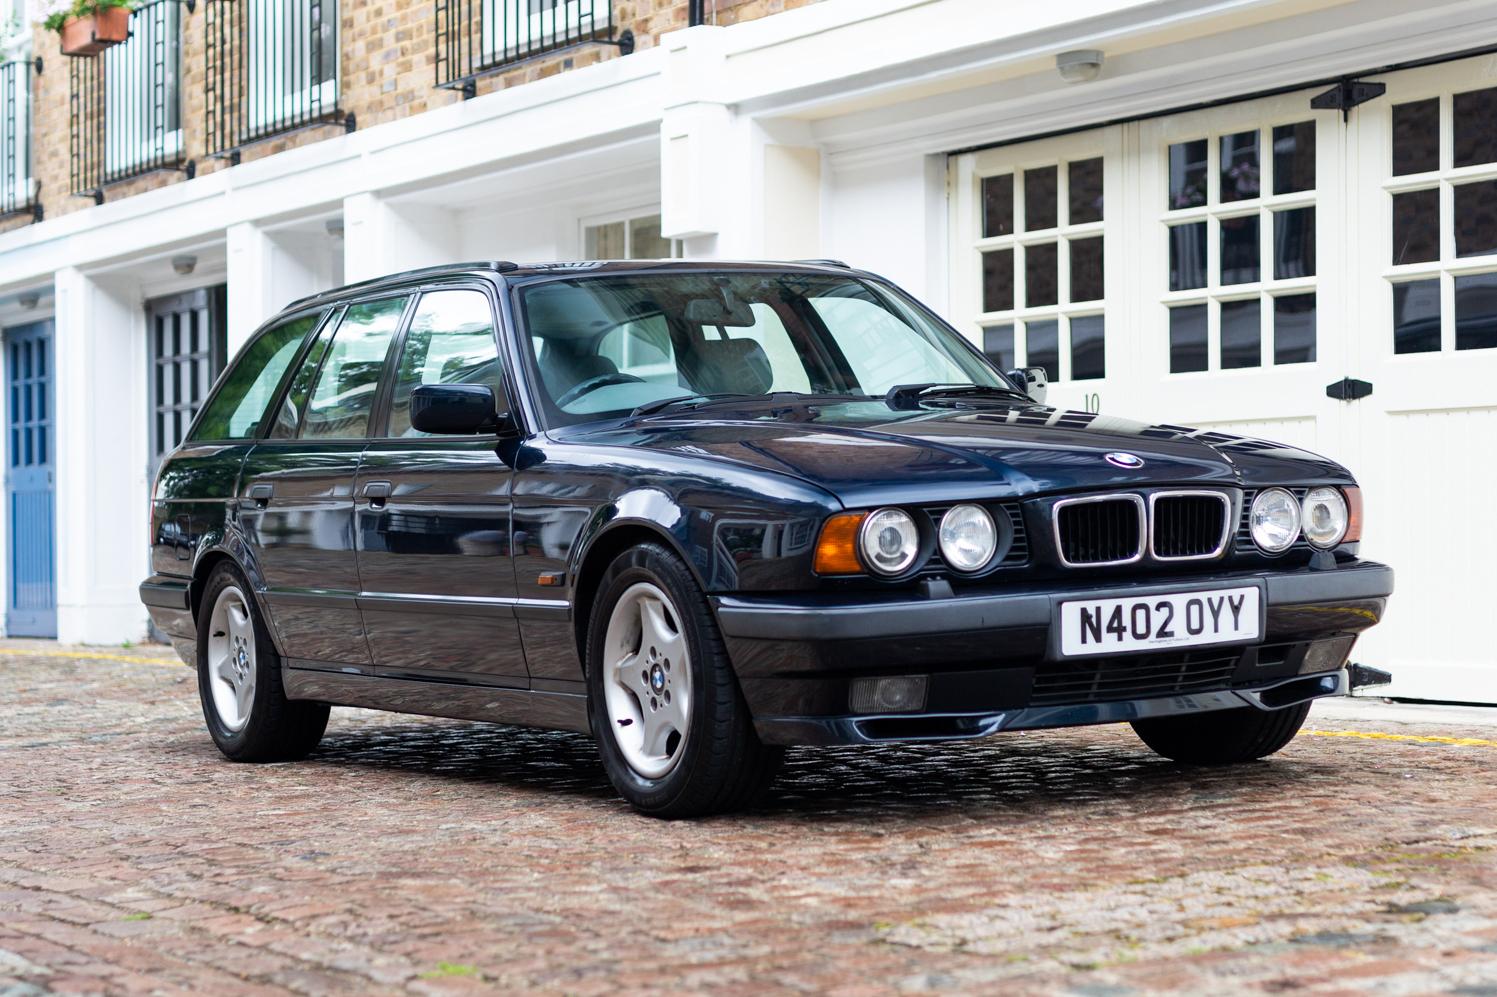 1996 Bmw E34 540i Touring